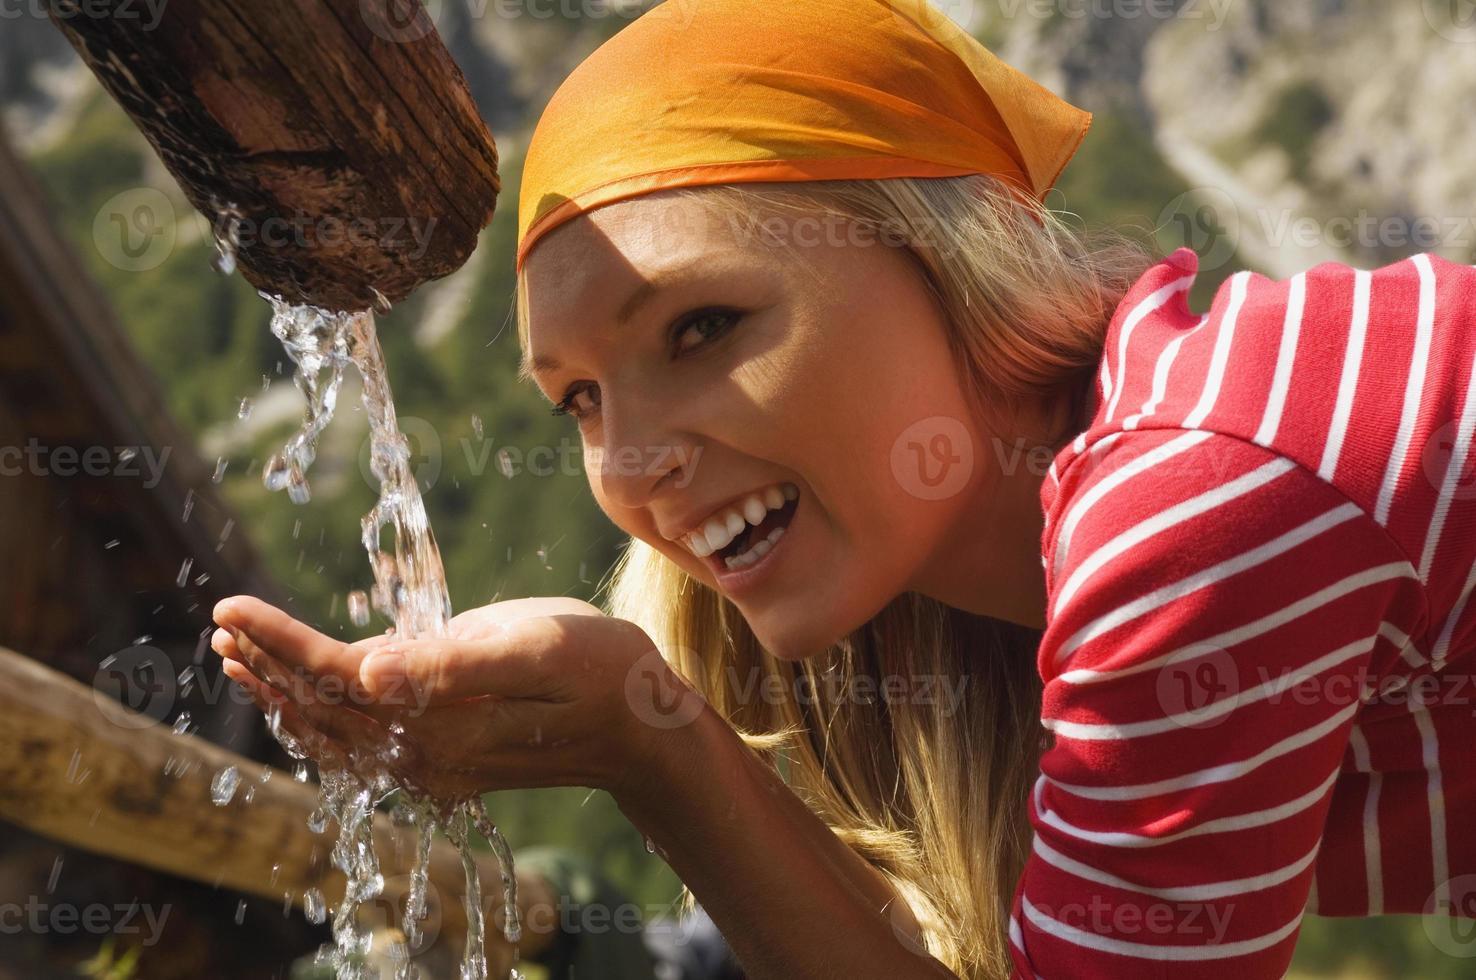 Trinkwasser der blonden Frau, Porträt foto